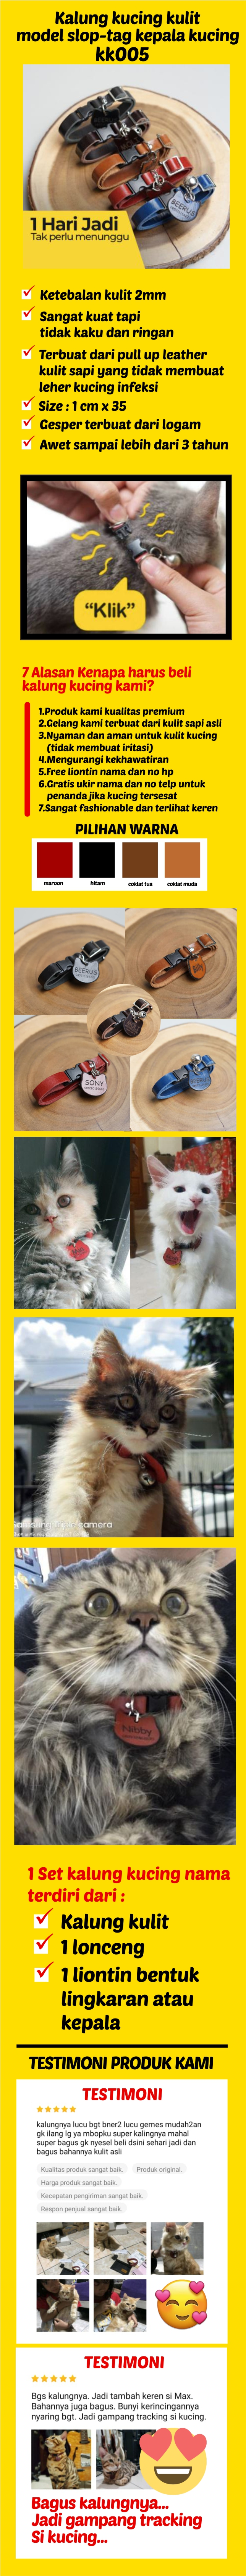 Kalung Kucing Nama Kalung Kucing Custom Kalung Nama Kucing Kalung Kucing Custom Nama Kalung Kucing Kulit Kalung Nama Kucing Anti Kucing Hilang Free Cetak Nama